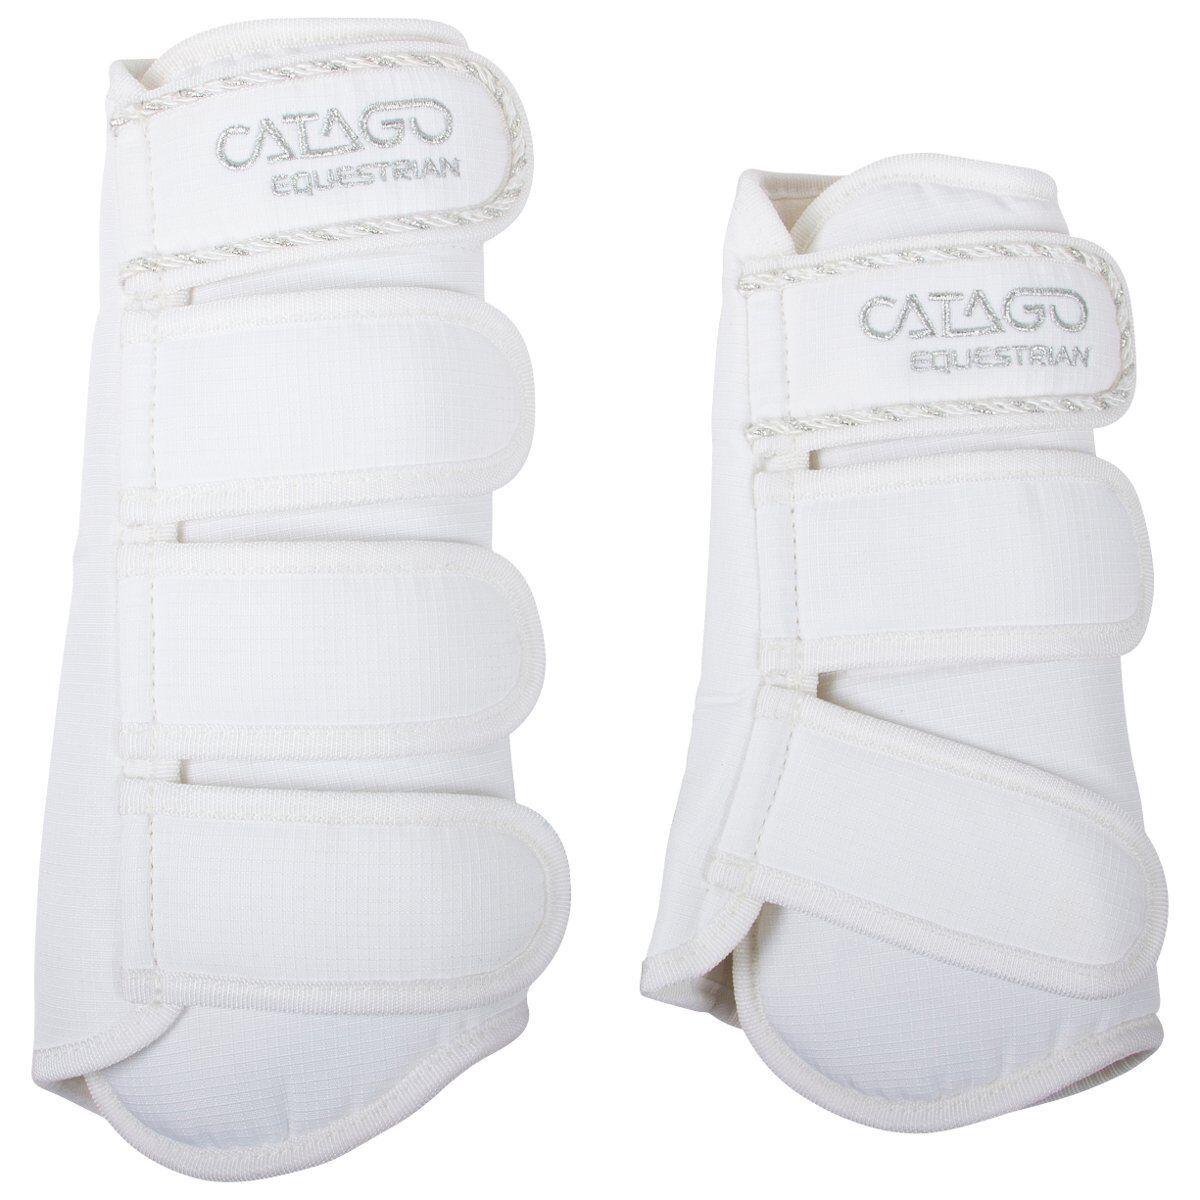 CATAGO Gamaschen DIAMOND - white - Pony Reiten Pferde Beinschutz Turnier Zubehör